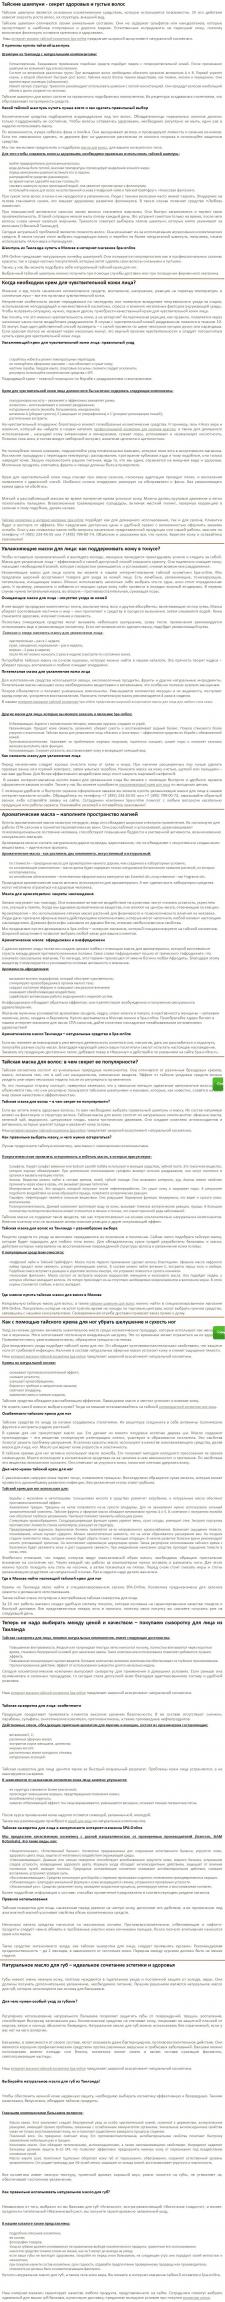 ЖЕНСКИЕ | Интернет-магазин косметики Spa-Consulta